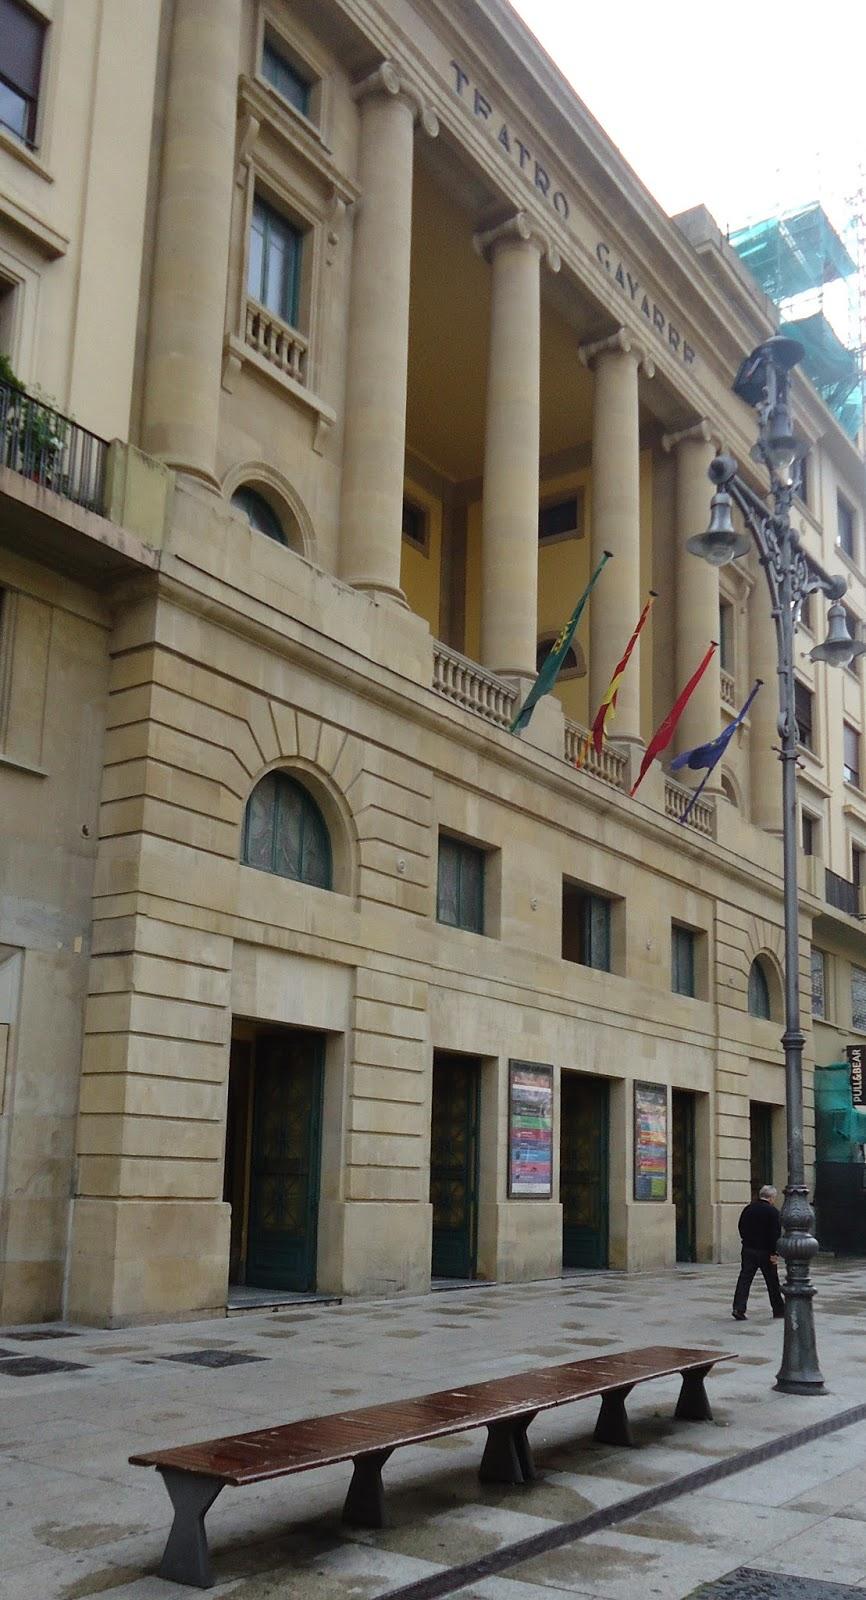 Al rojo vivo un paseo hoy mi rcoles por el centro de pamplona - Pamplona centro historico ...